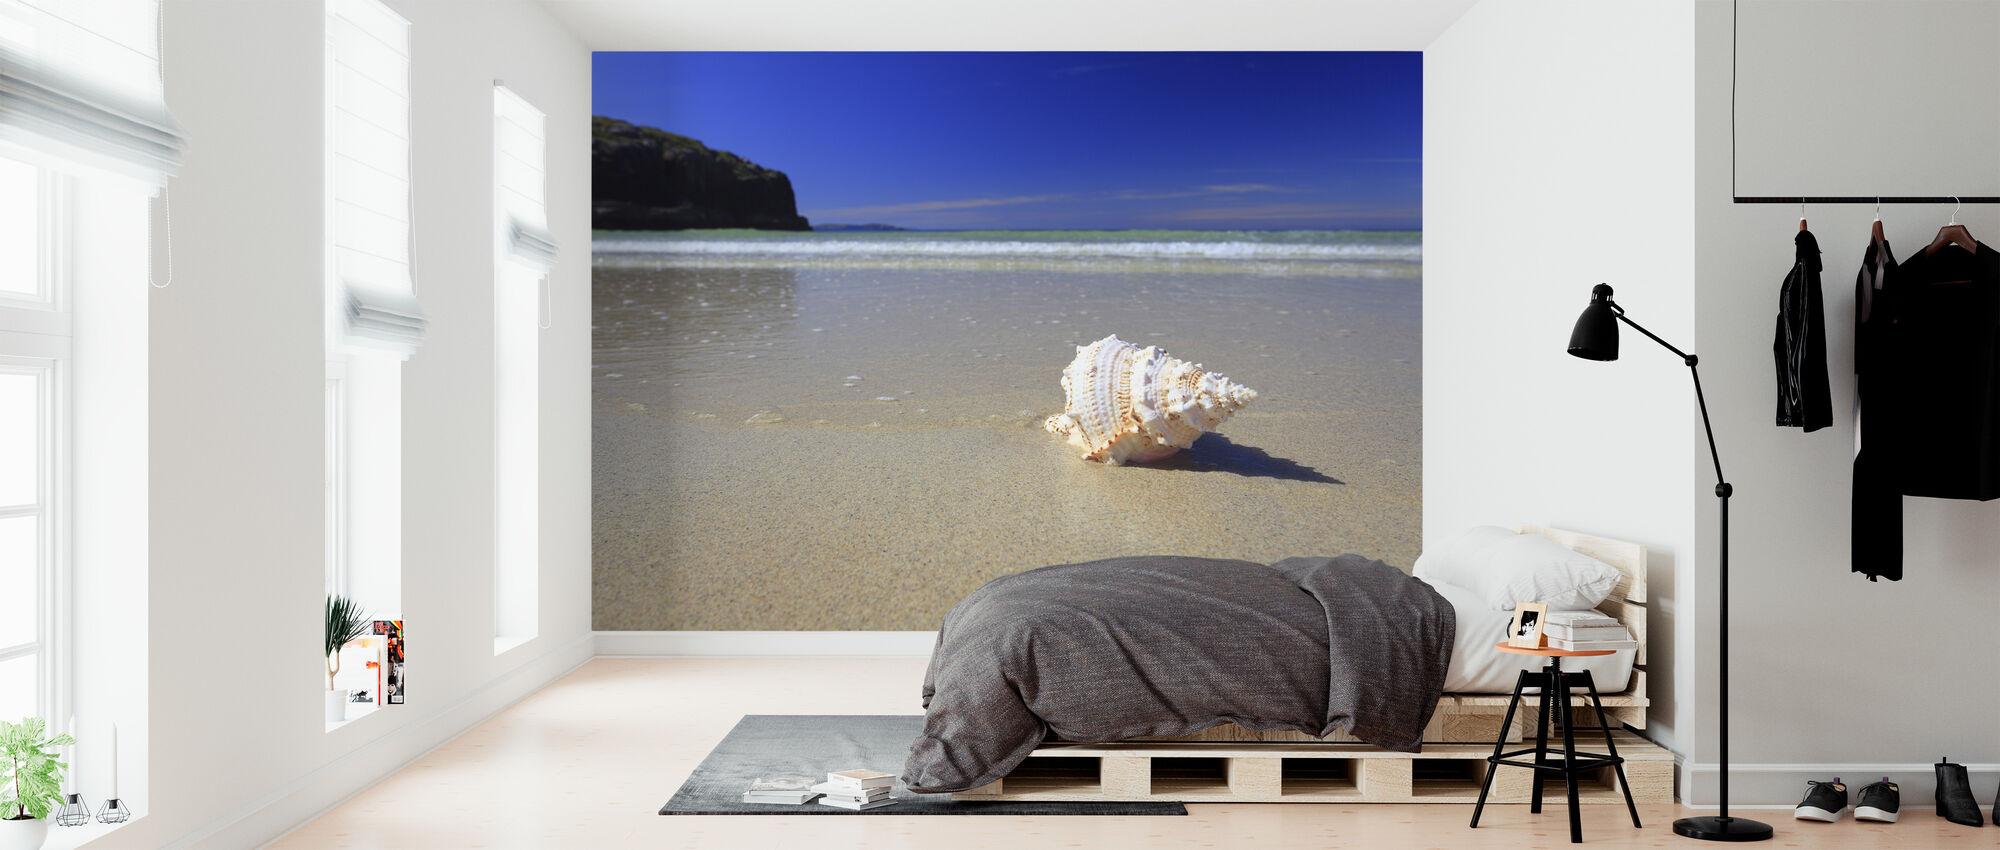 Schelp op strand - Behang - Slaapkamer